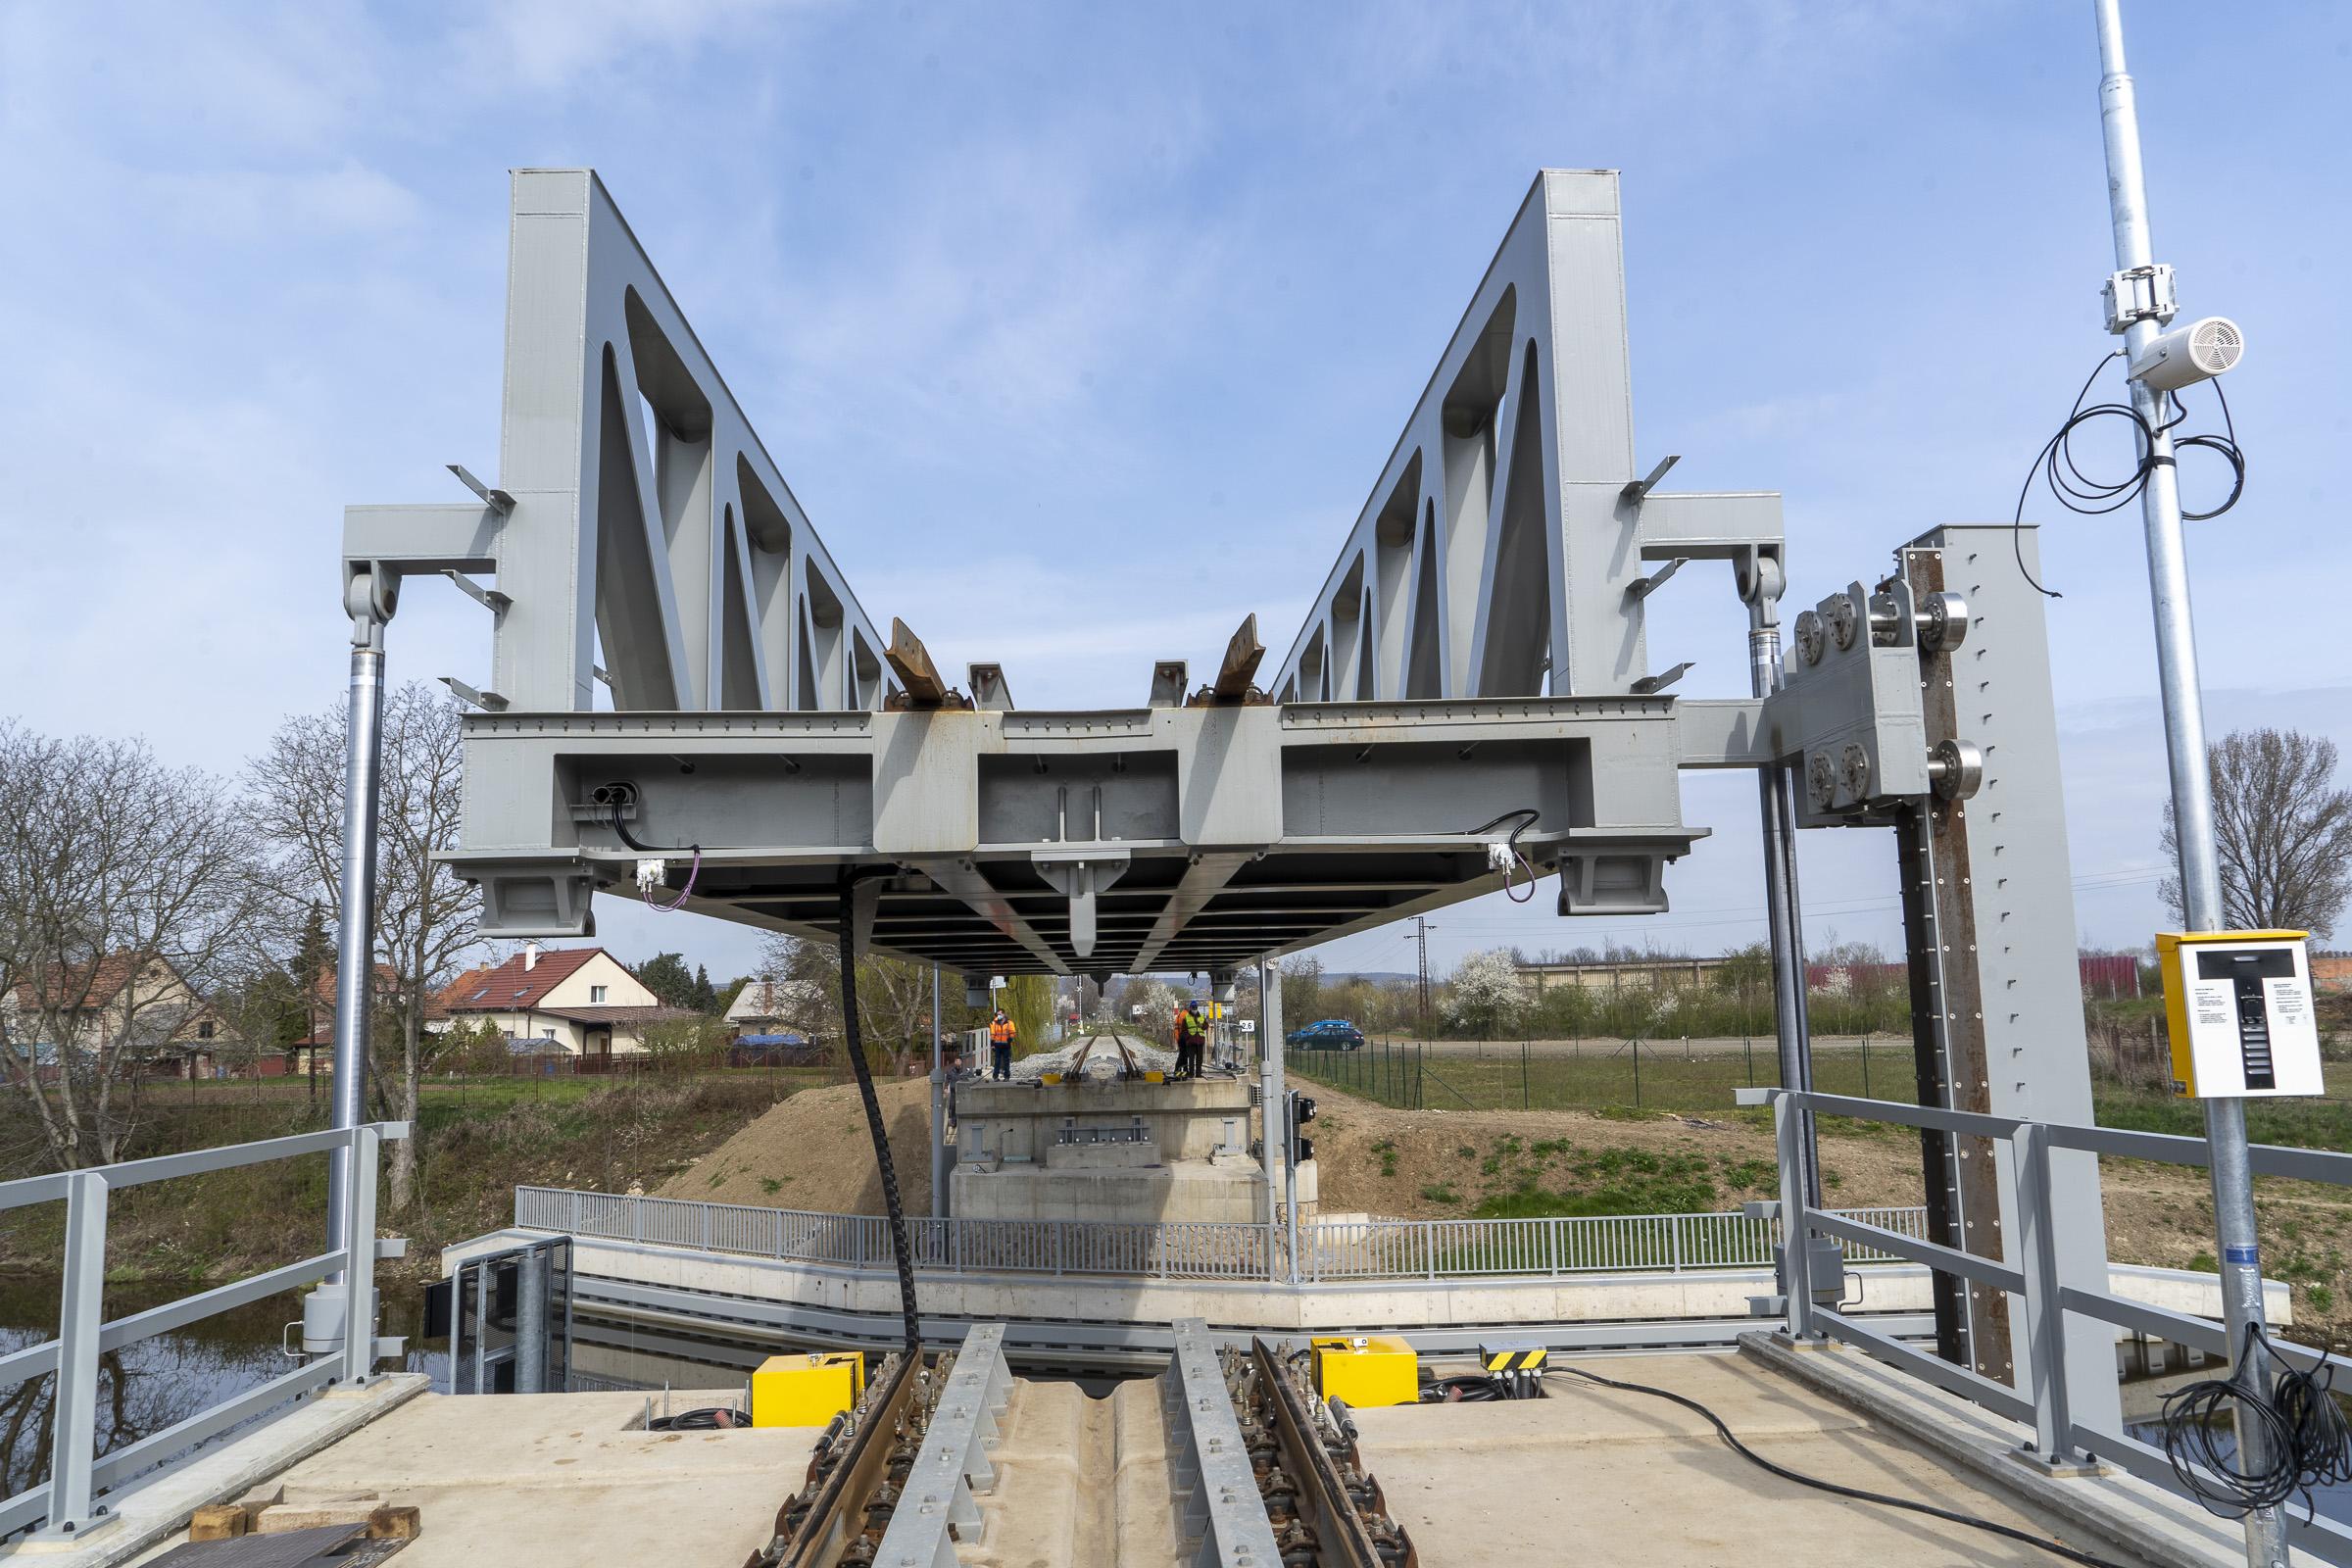 TZ-Unikatni-zeleznicni-most-pres-plavebni-kanal-na-Vltave-se-poprve-zkusebne-zdvihl4.jpg